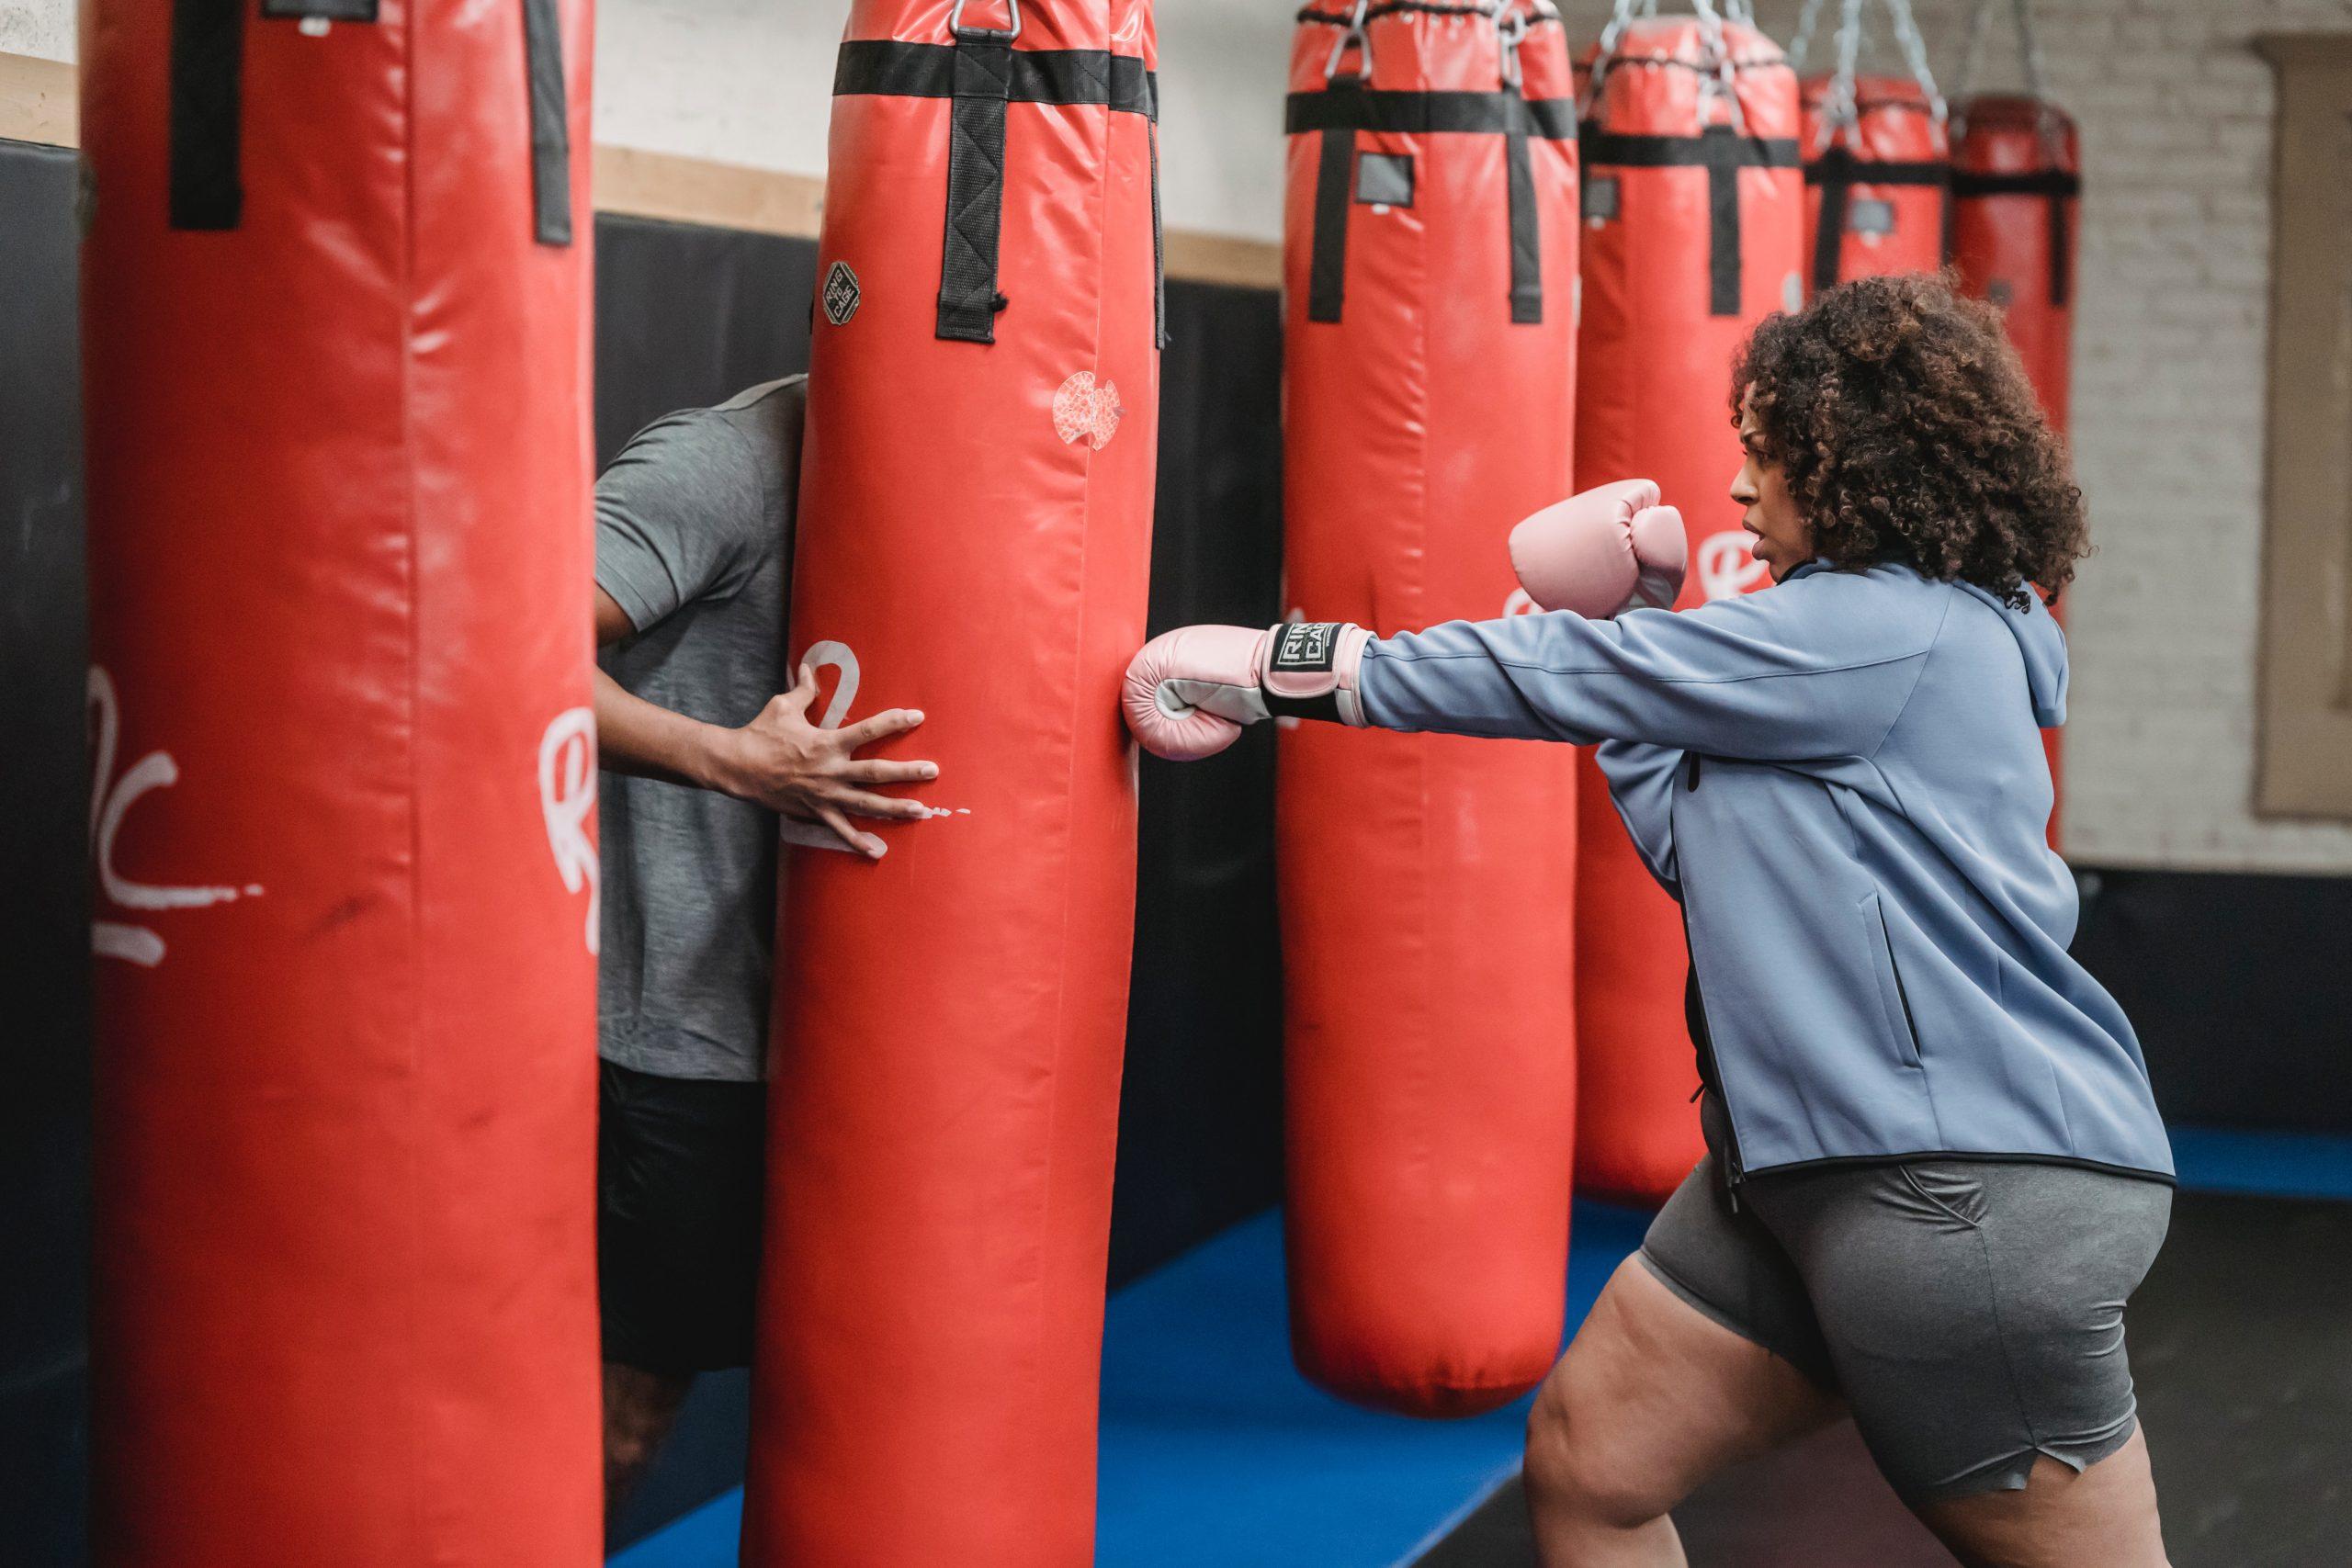 Mulher em uma academia fazendo golpe em um saco de pancada sendo acompanhada pelo professor